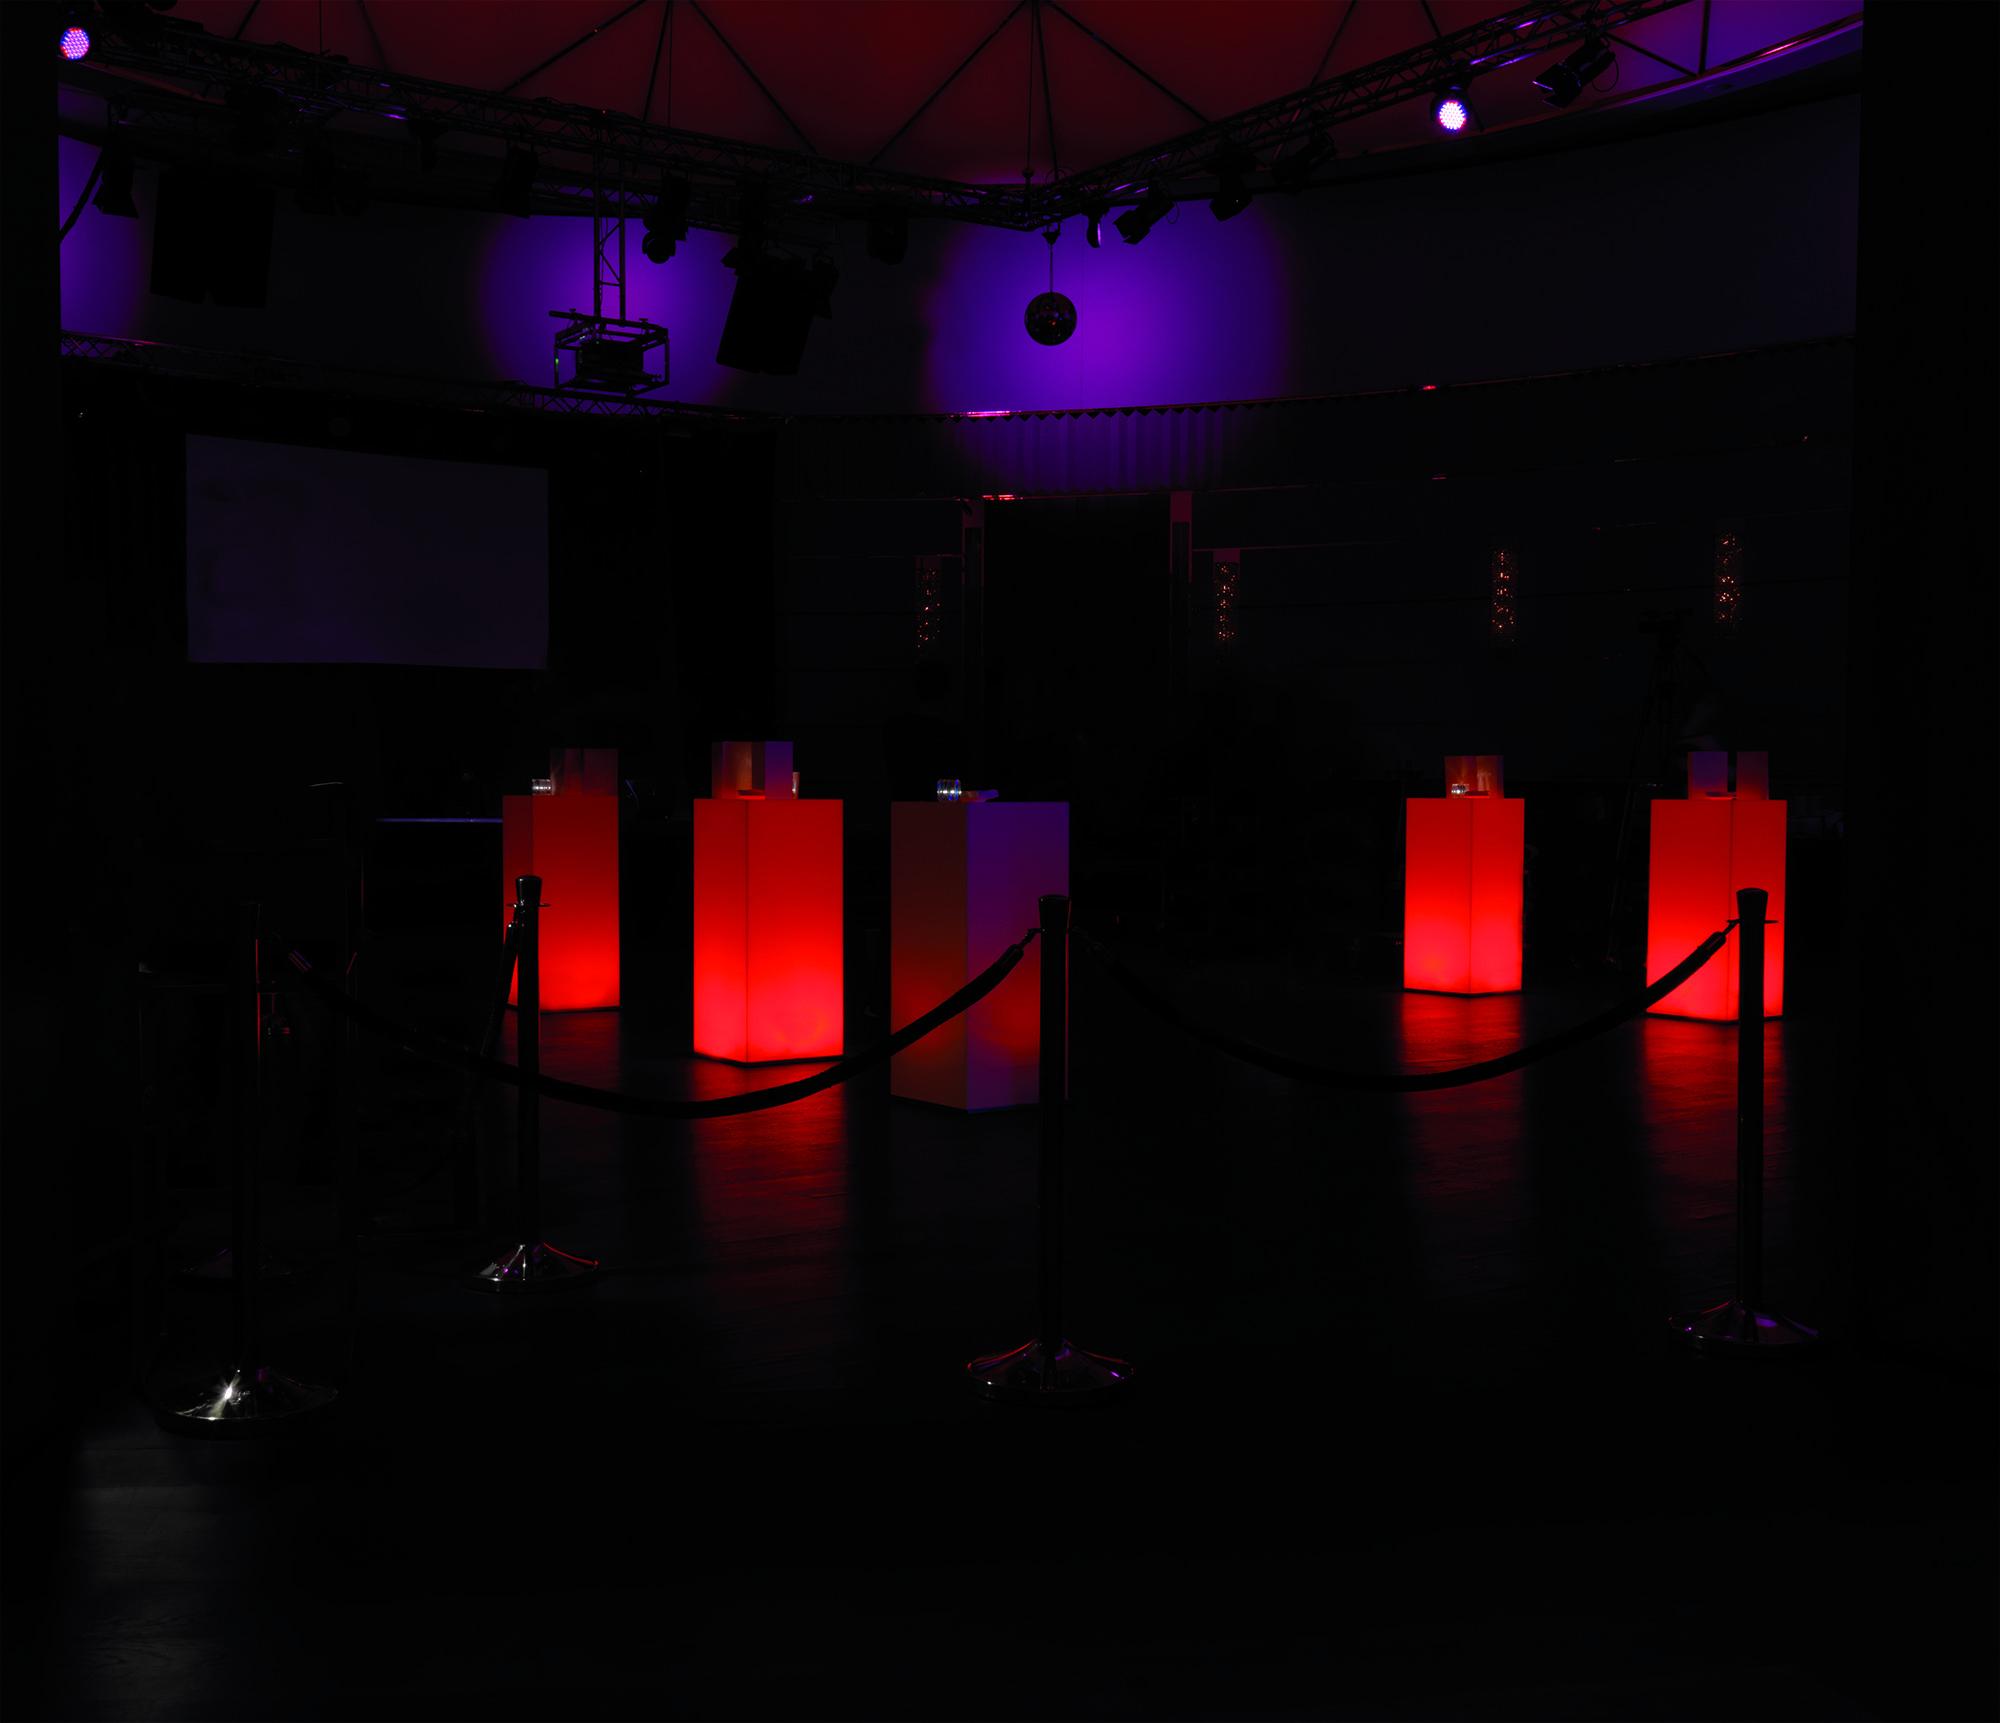 De Bar Theke Barhocker Leuchtobjekte Lampen Und Led Tische 2020 Barhocker Stehtisch Tischlampen